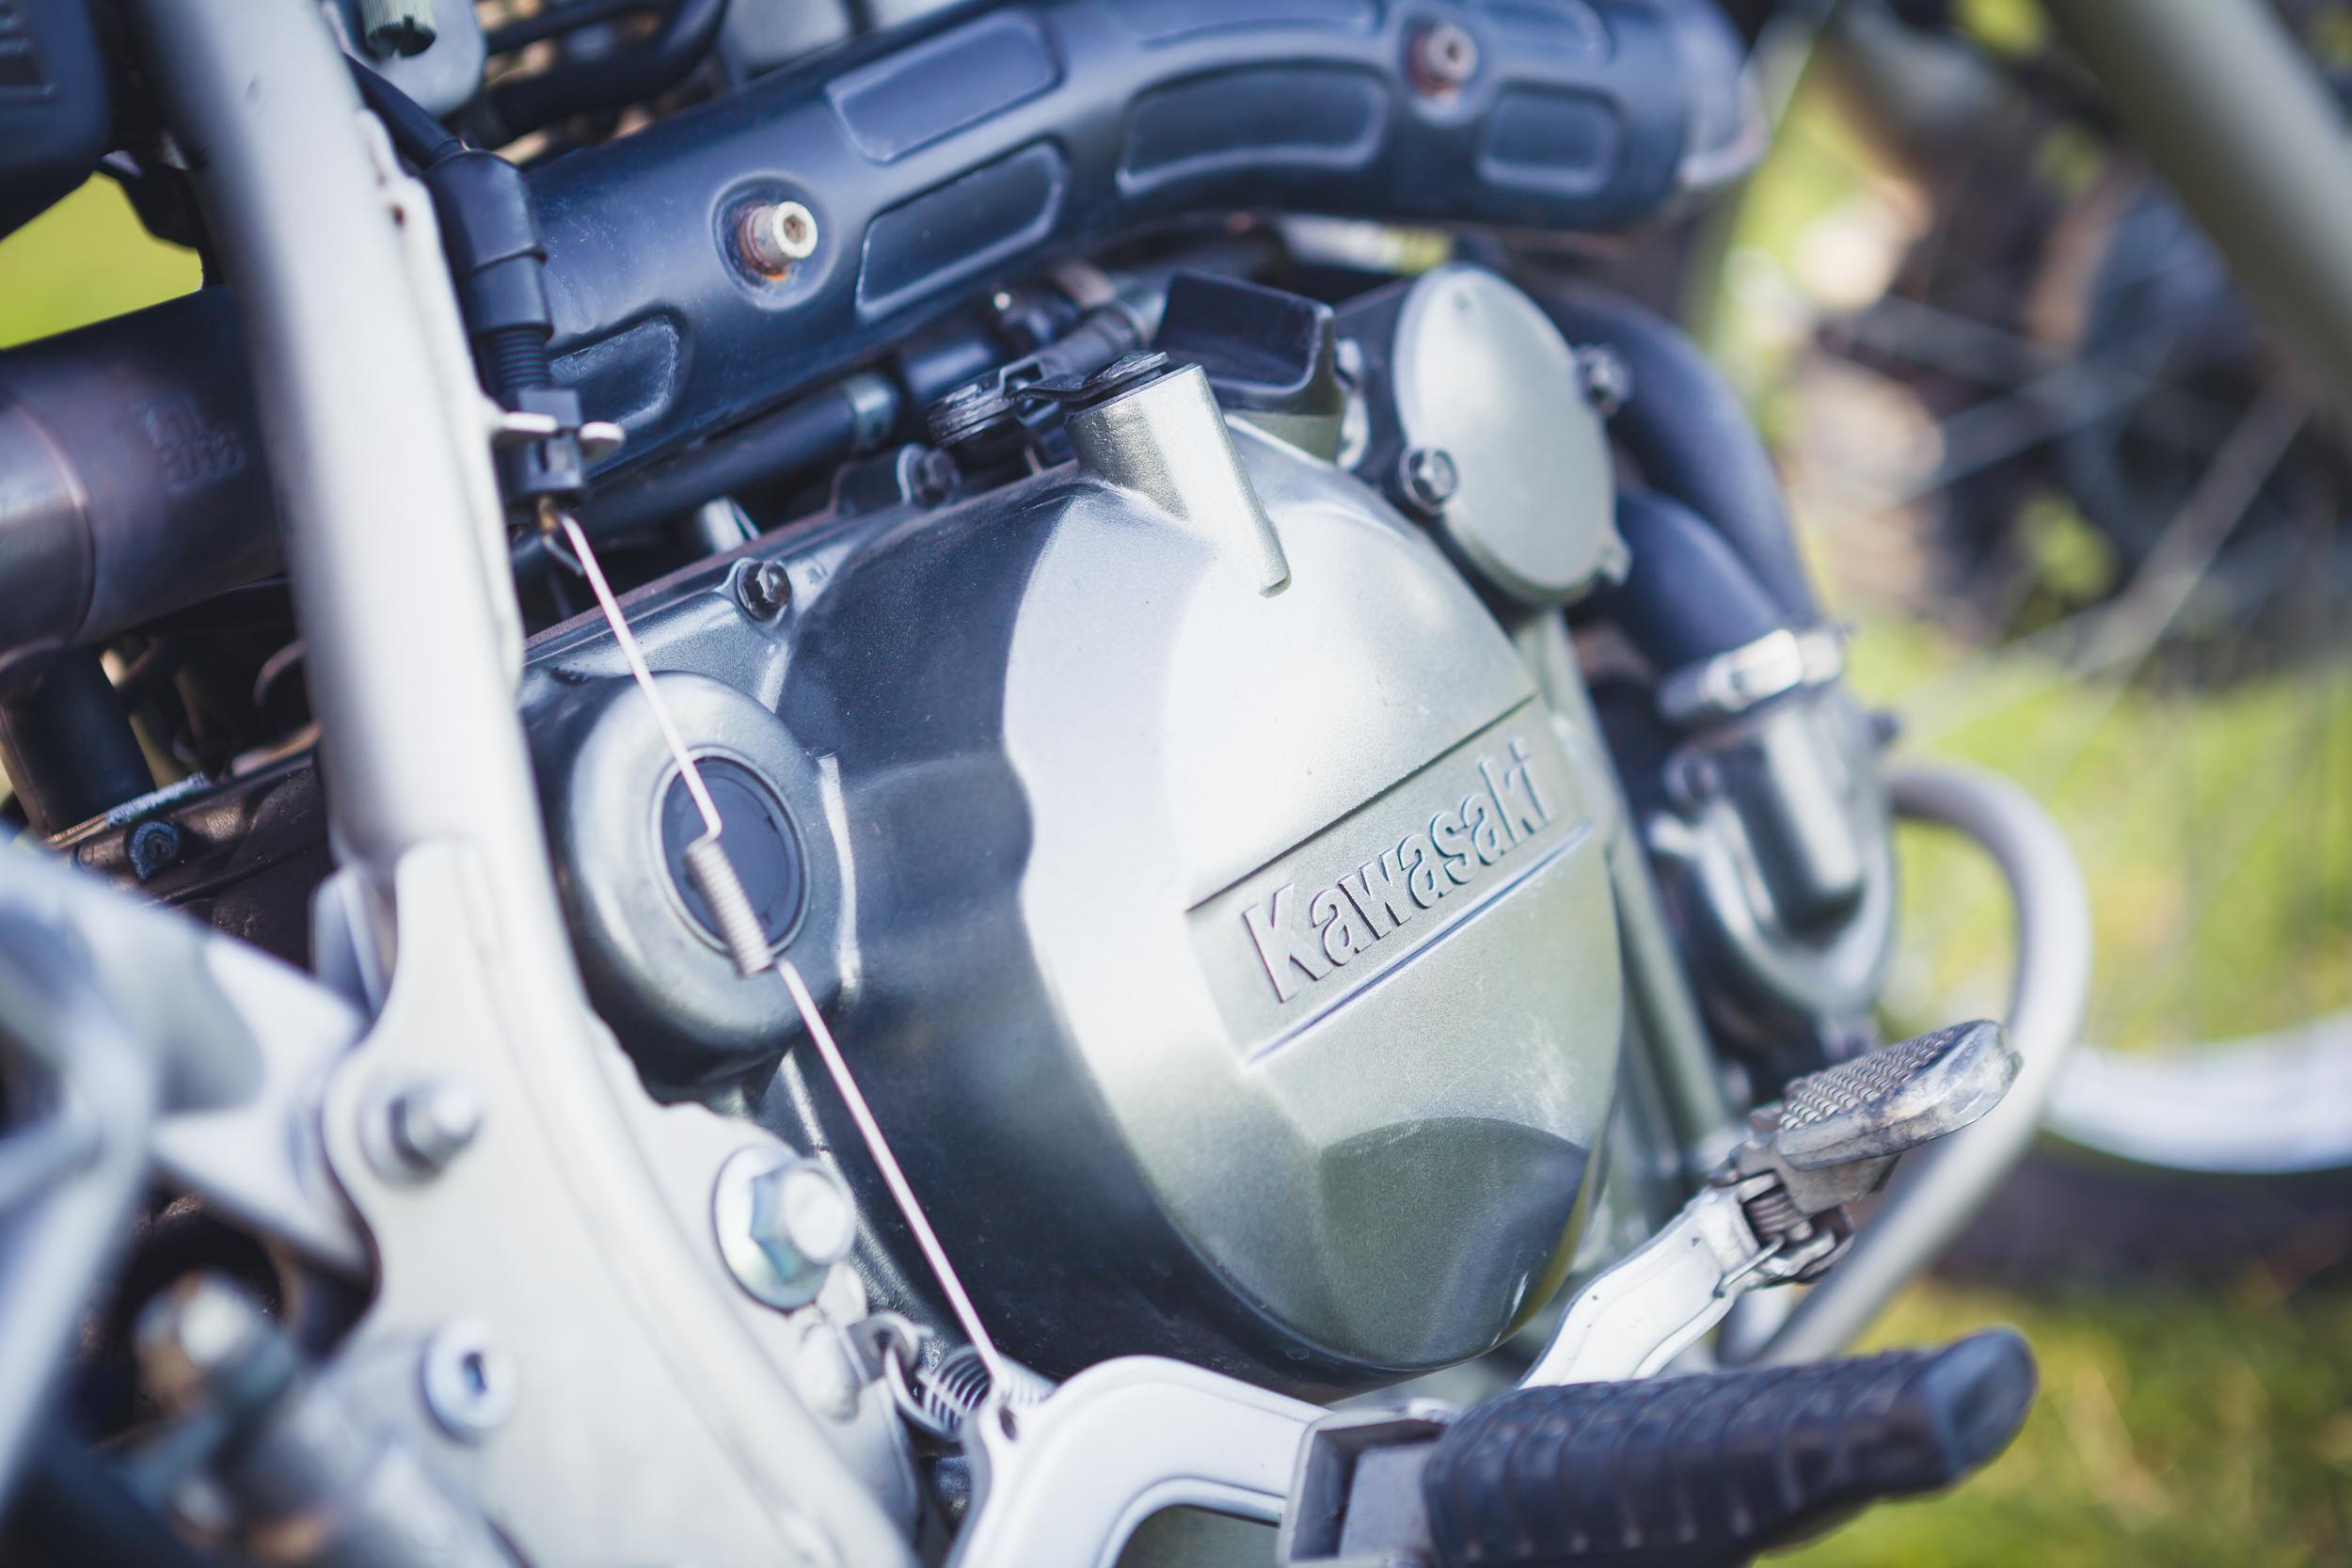 Kawasaki-HD-131003-0016